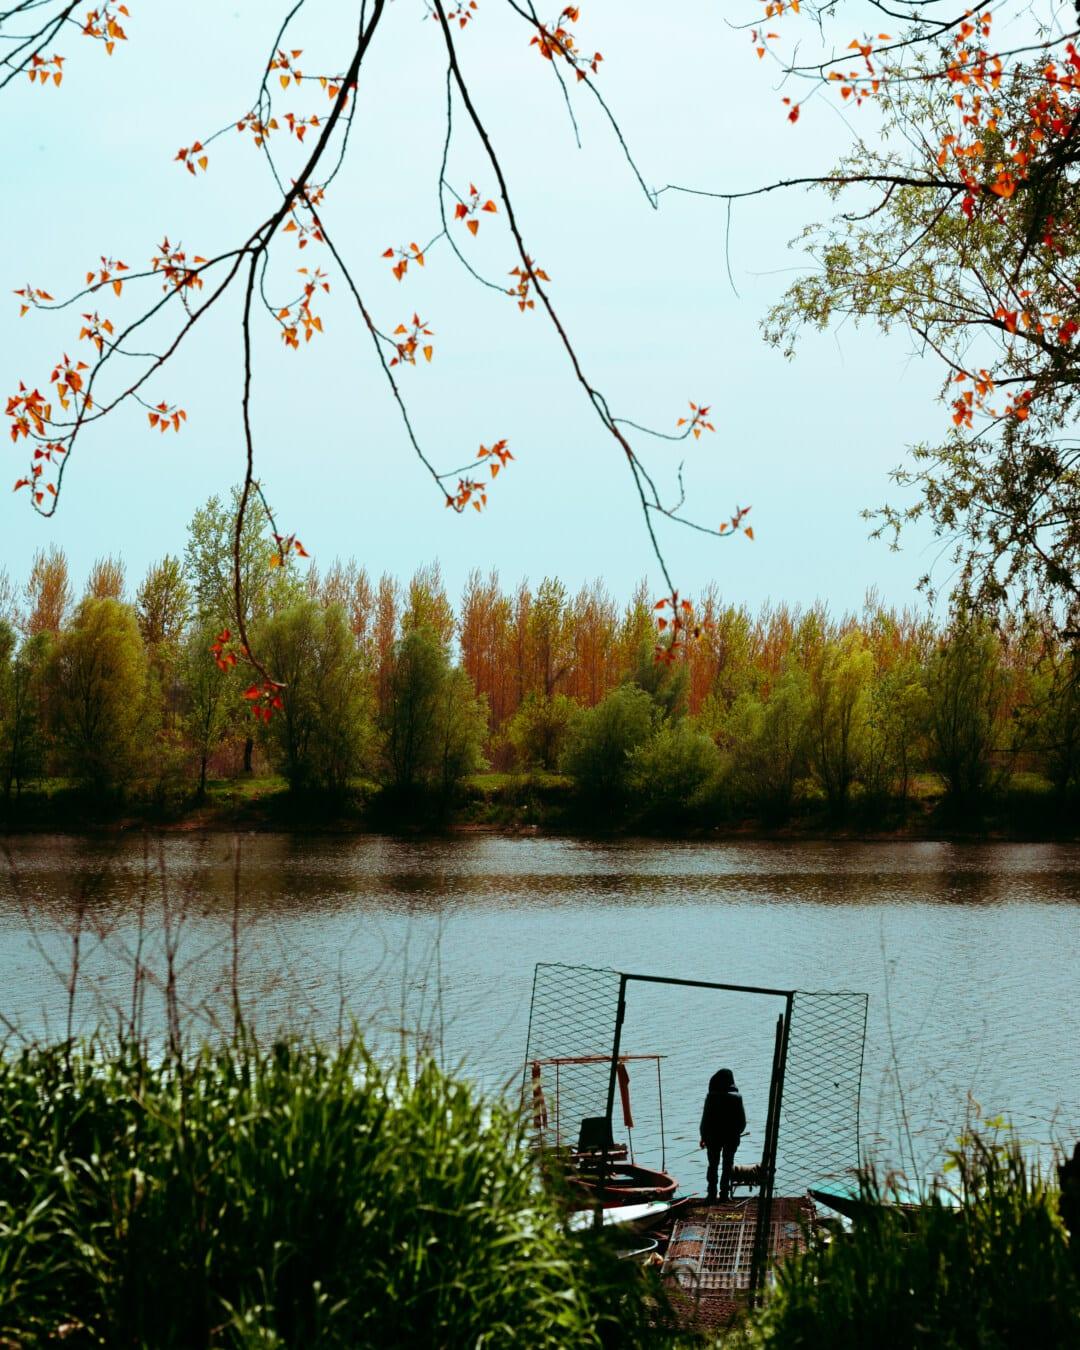 septembre, automne, debout, jetée, personne, berge, forêt, terrain, Lac, réflexion